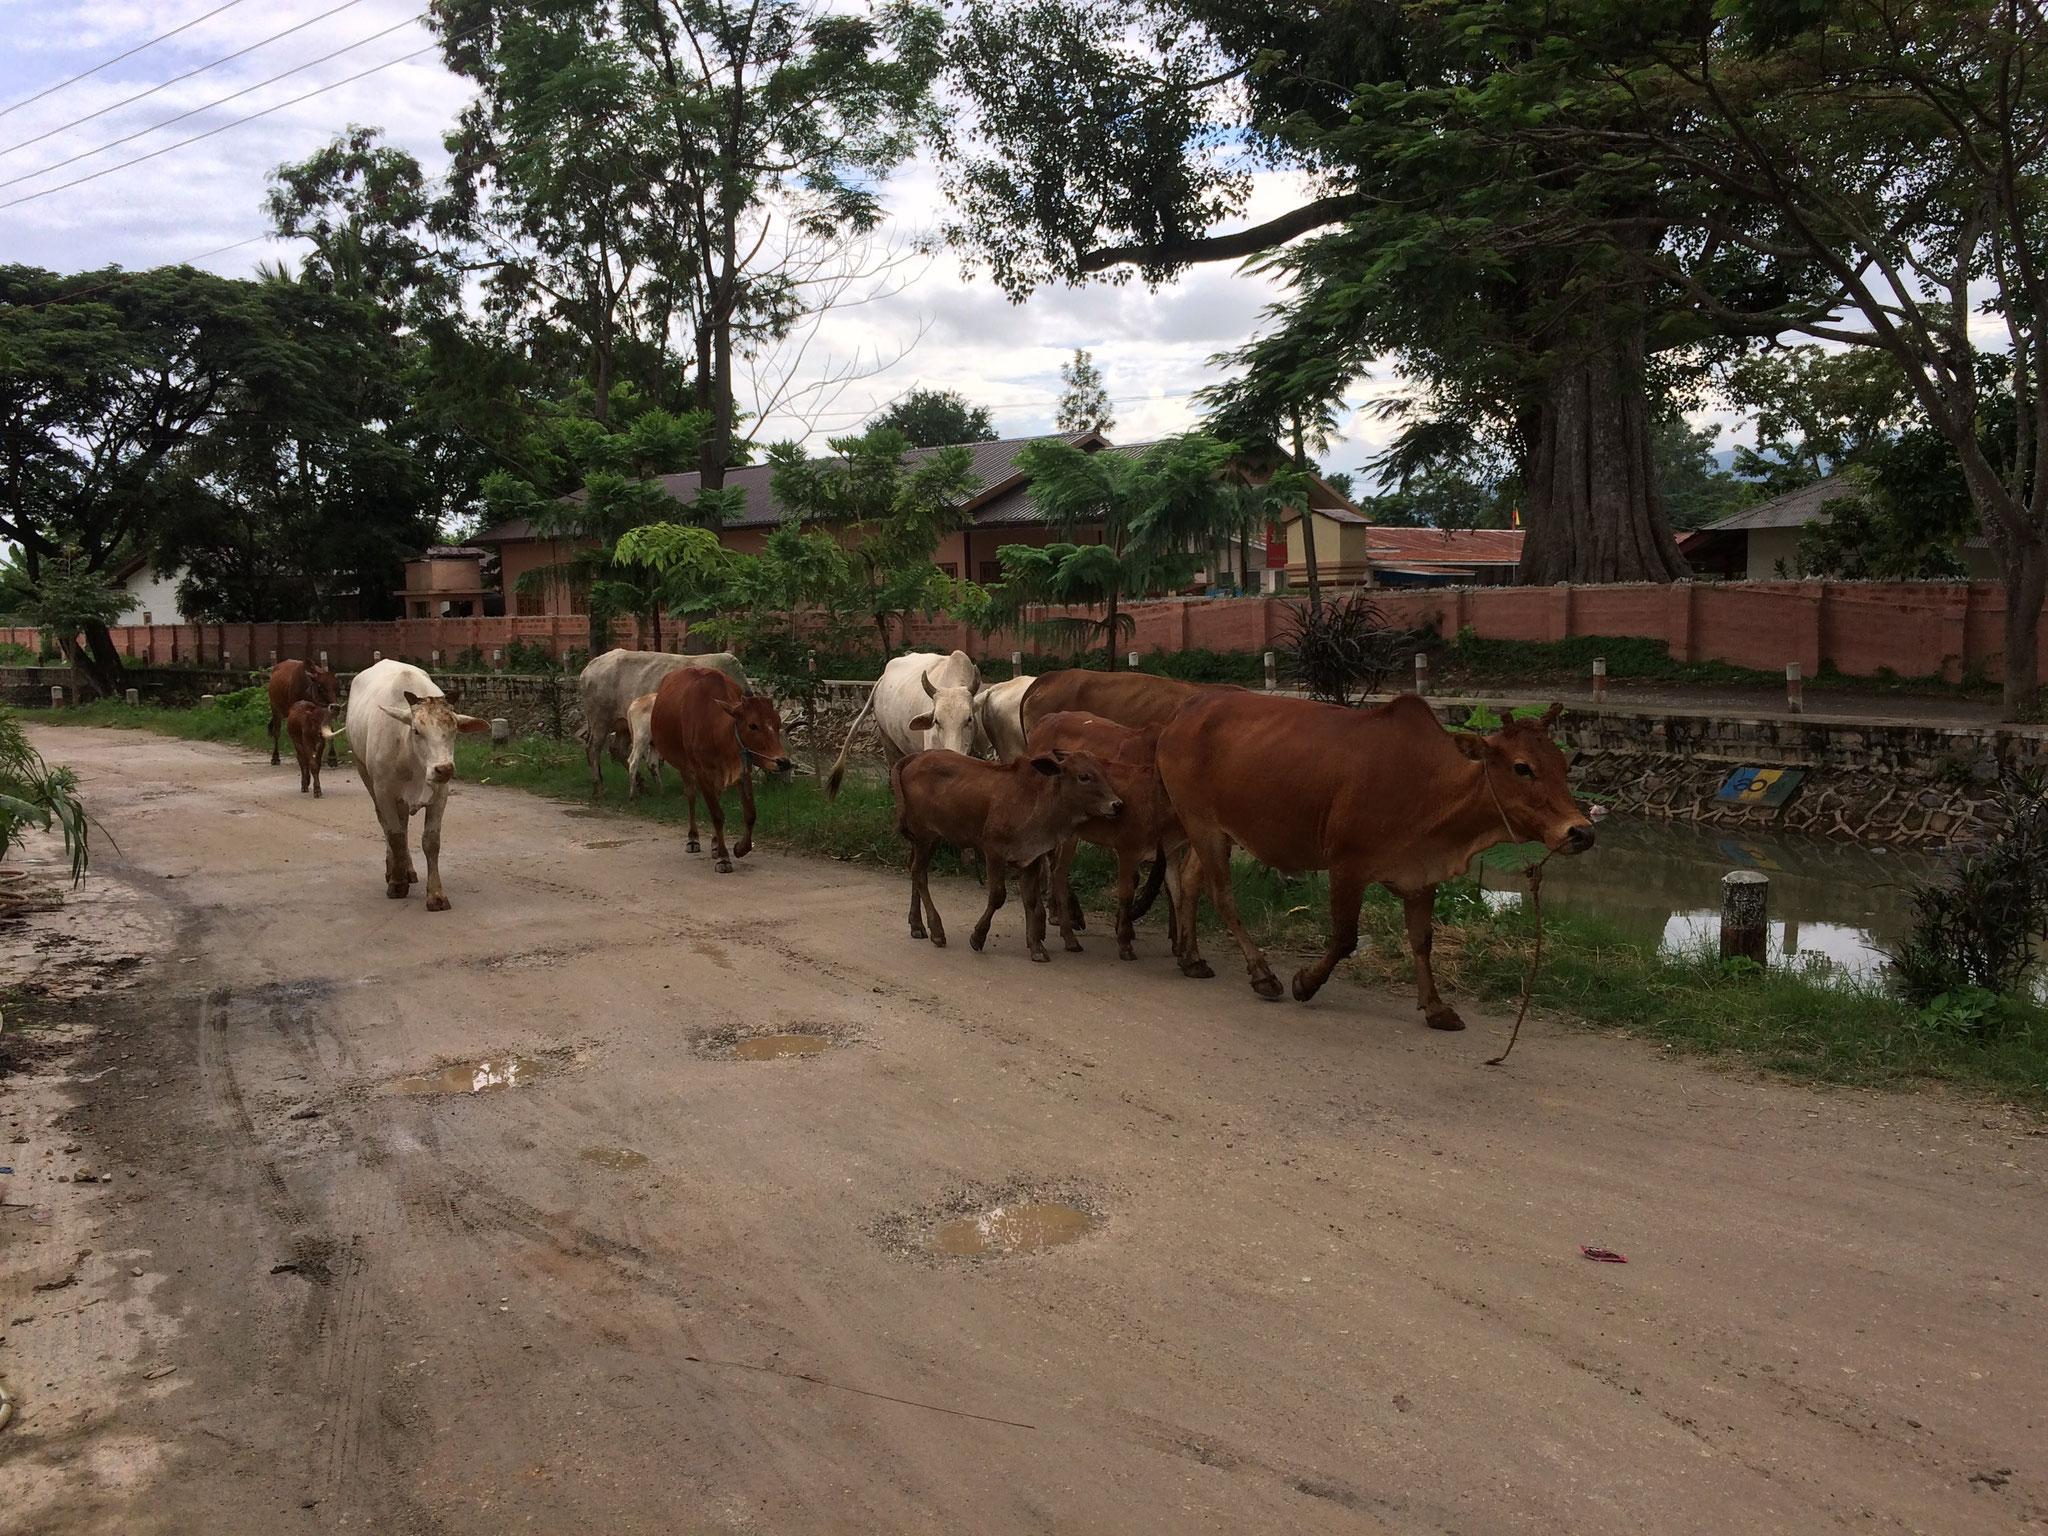 Yep, auch hier gibts Kühe! Aber nicht nur auf den Weiden! ;-)